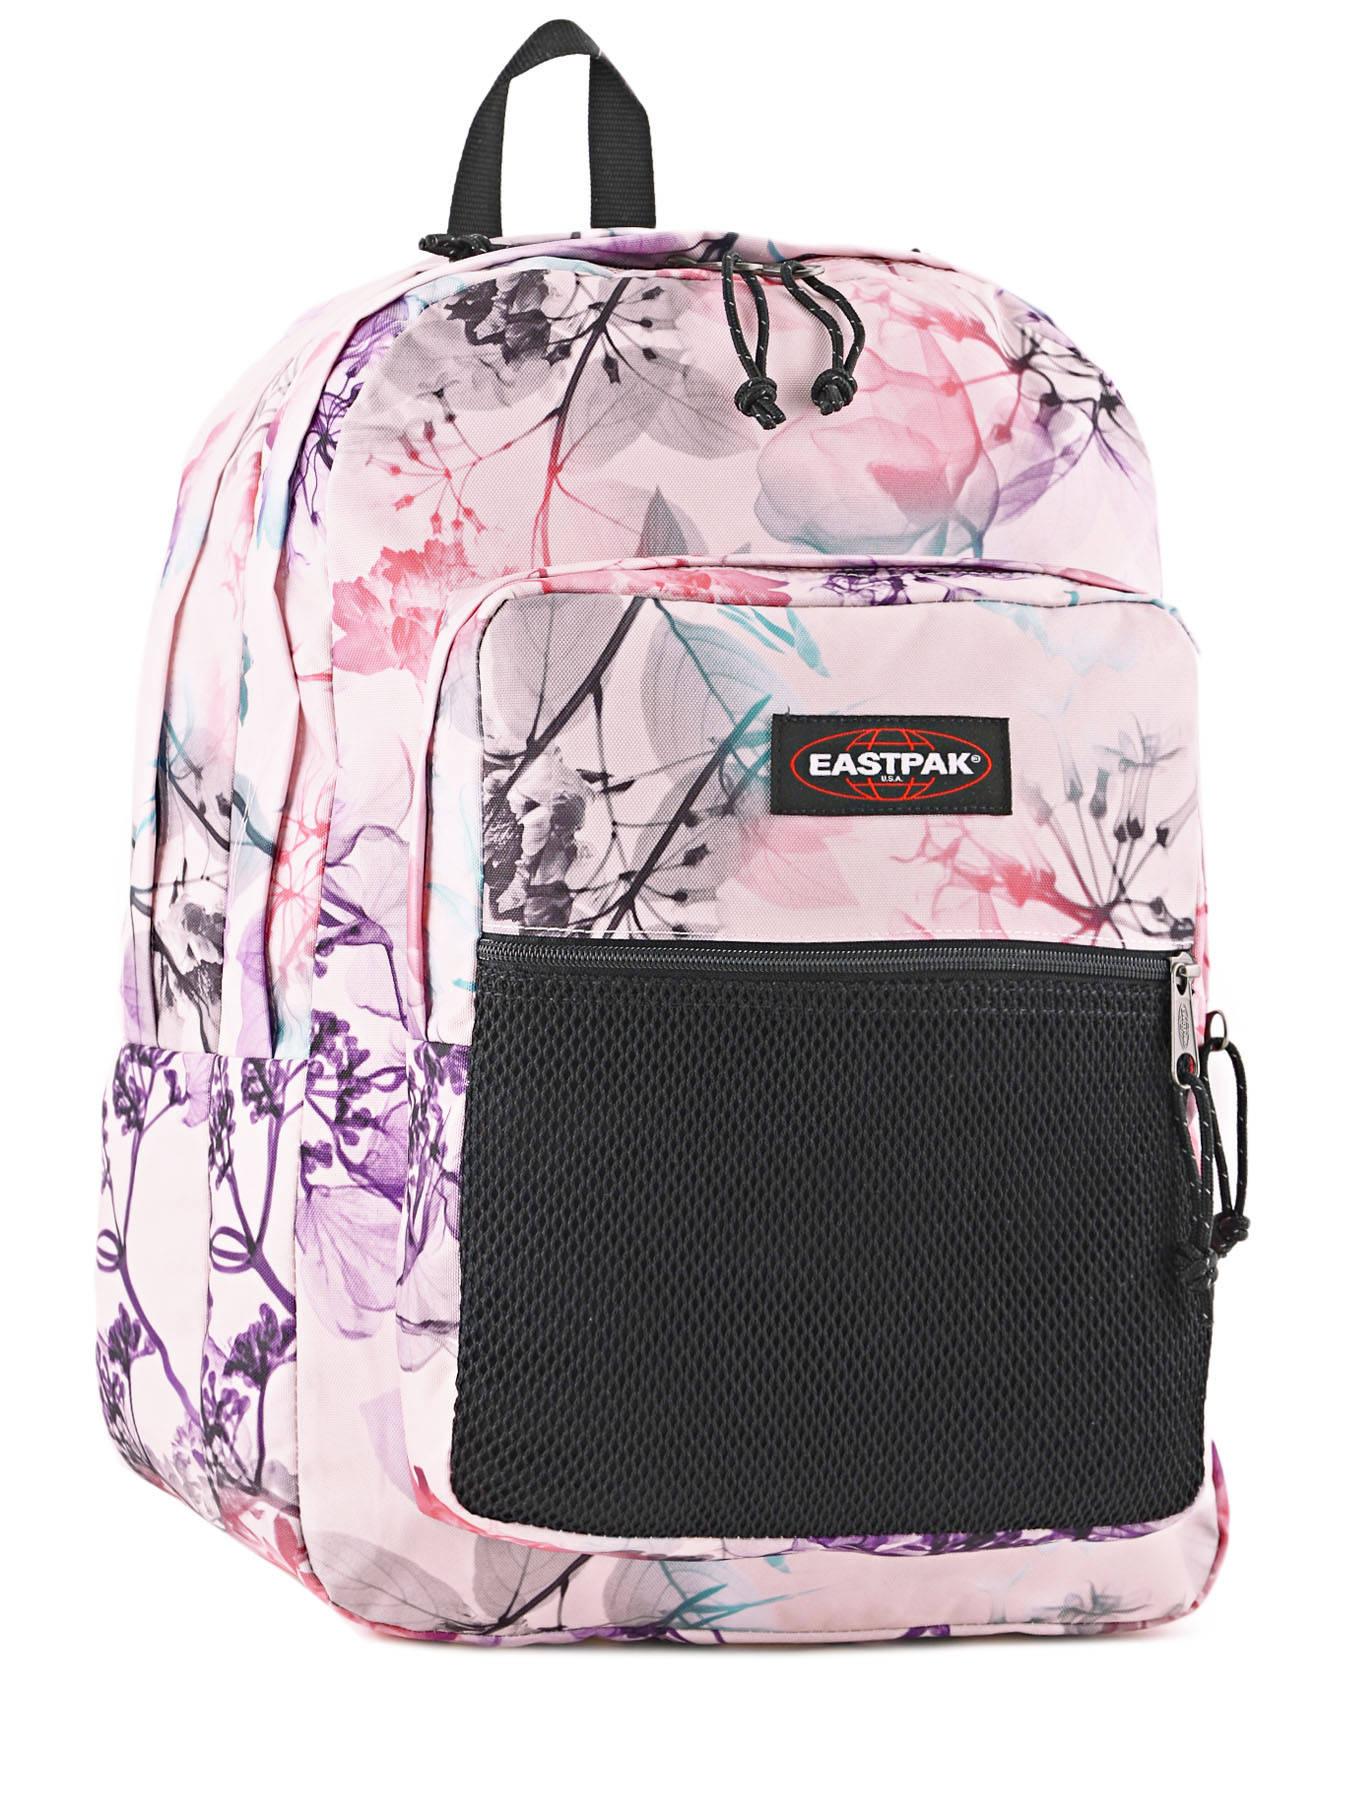 sac dos eastpak authentic pink ray en vente au meilleur prix. Black Bedroom Furniture Sets. Home Design Ideas